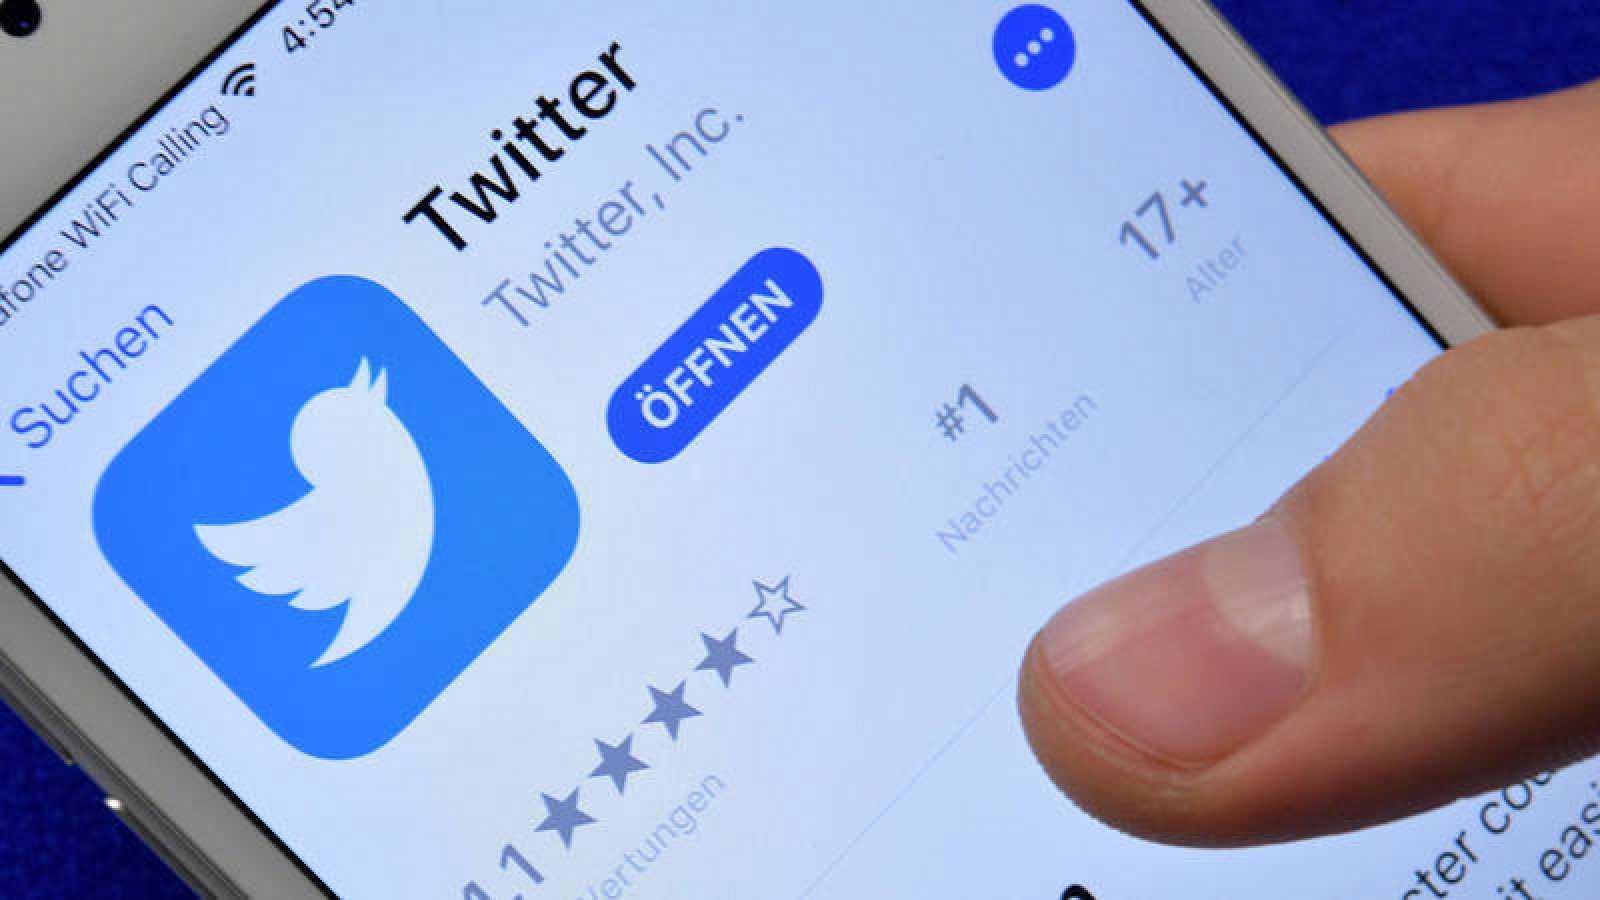 Twitter veta los anuncios de criptomonedas en su plataforma